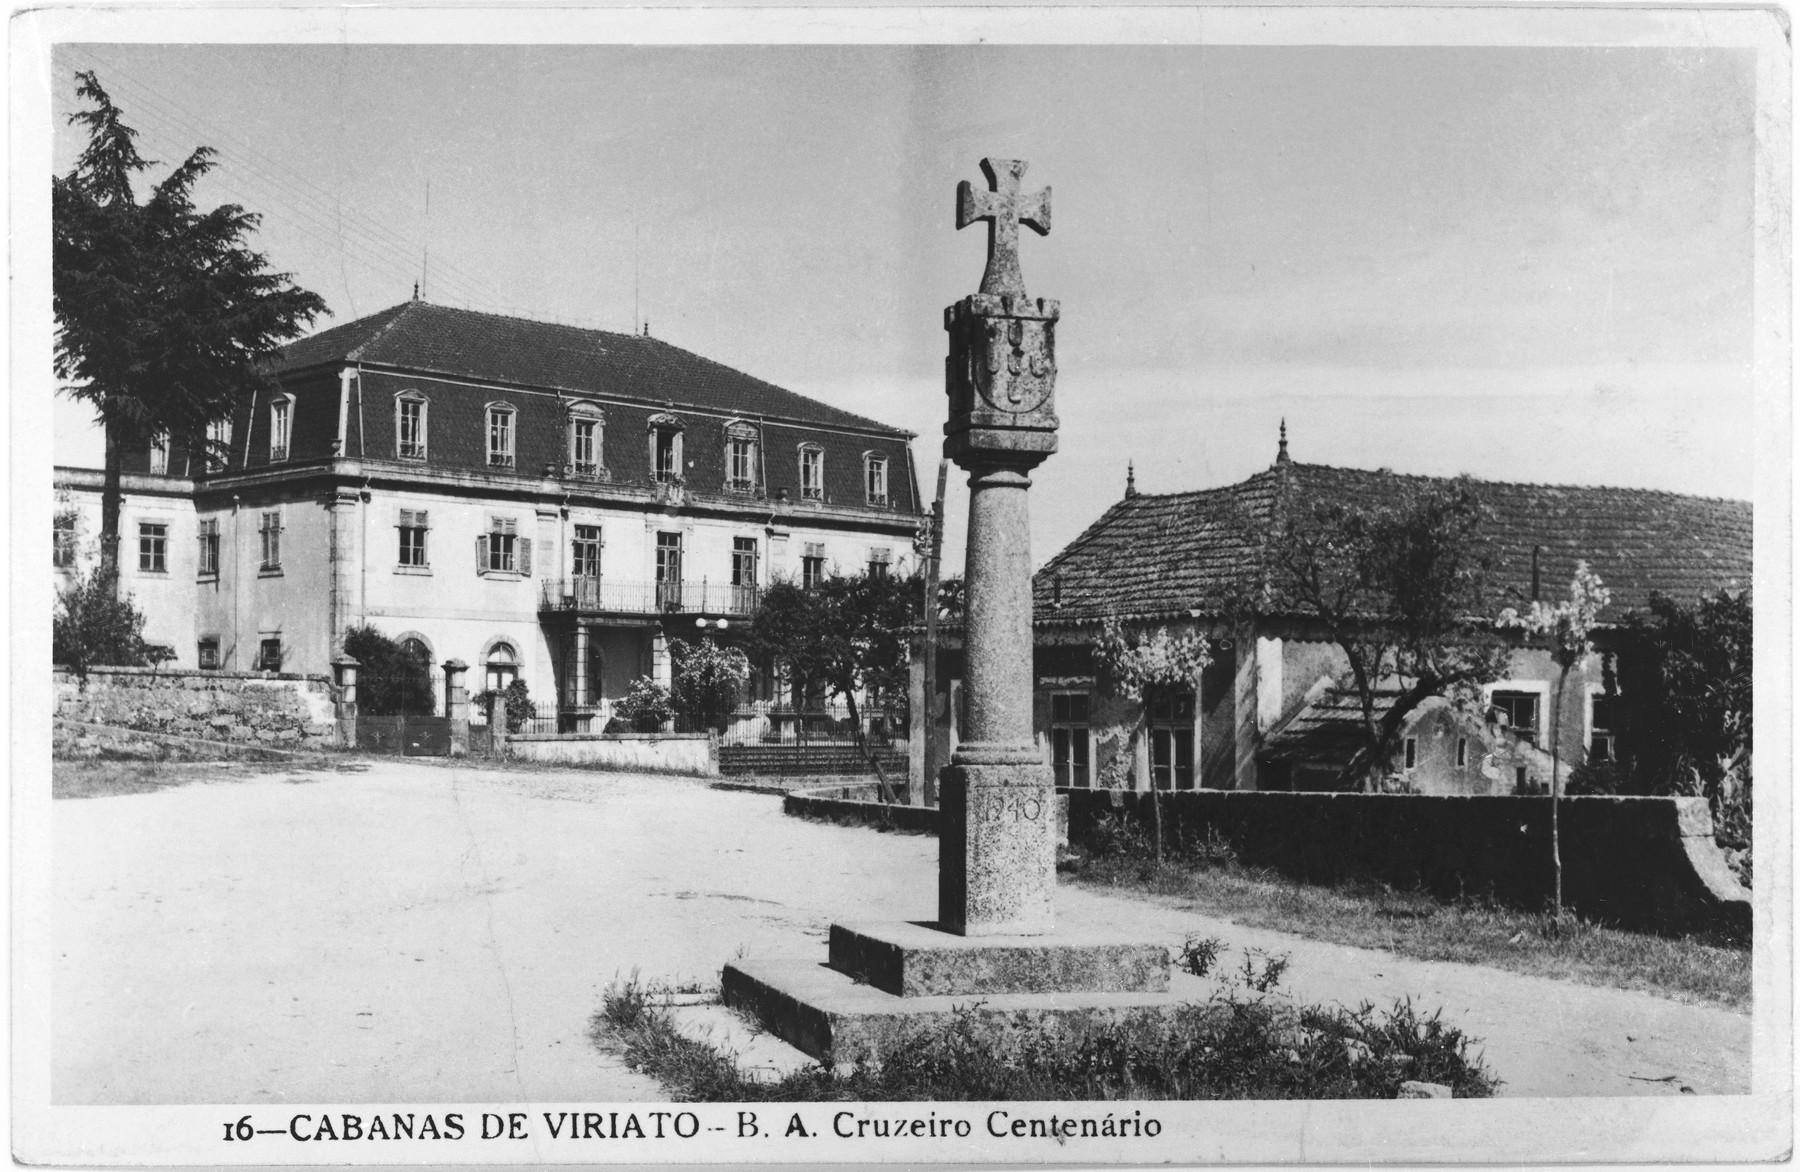 View of the estate of Aristides de Sousa Mendes in the Portuguese village of Cabanas de Viriato.